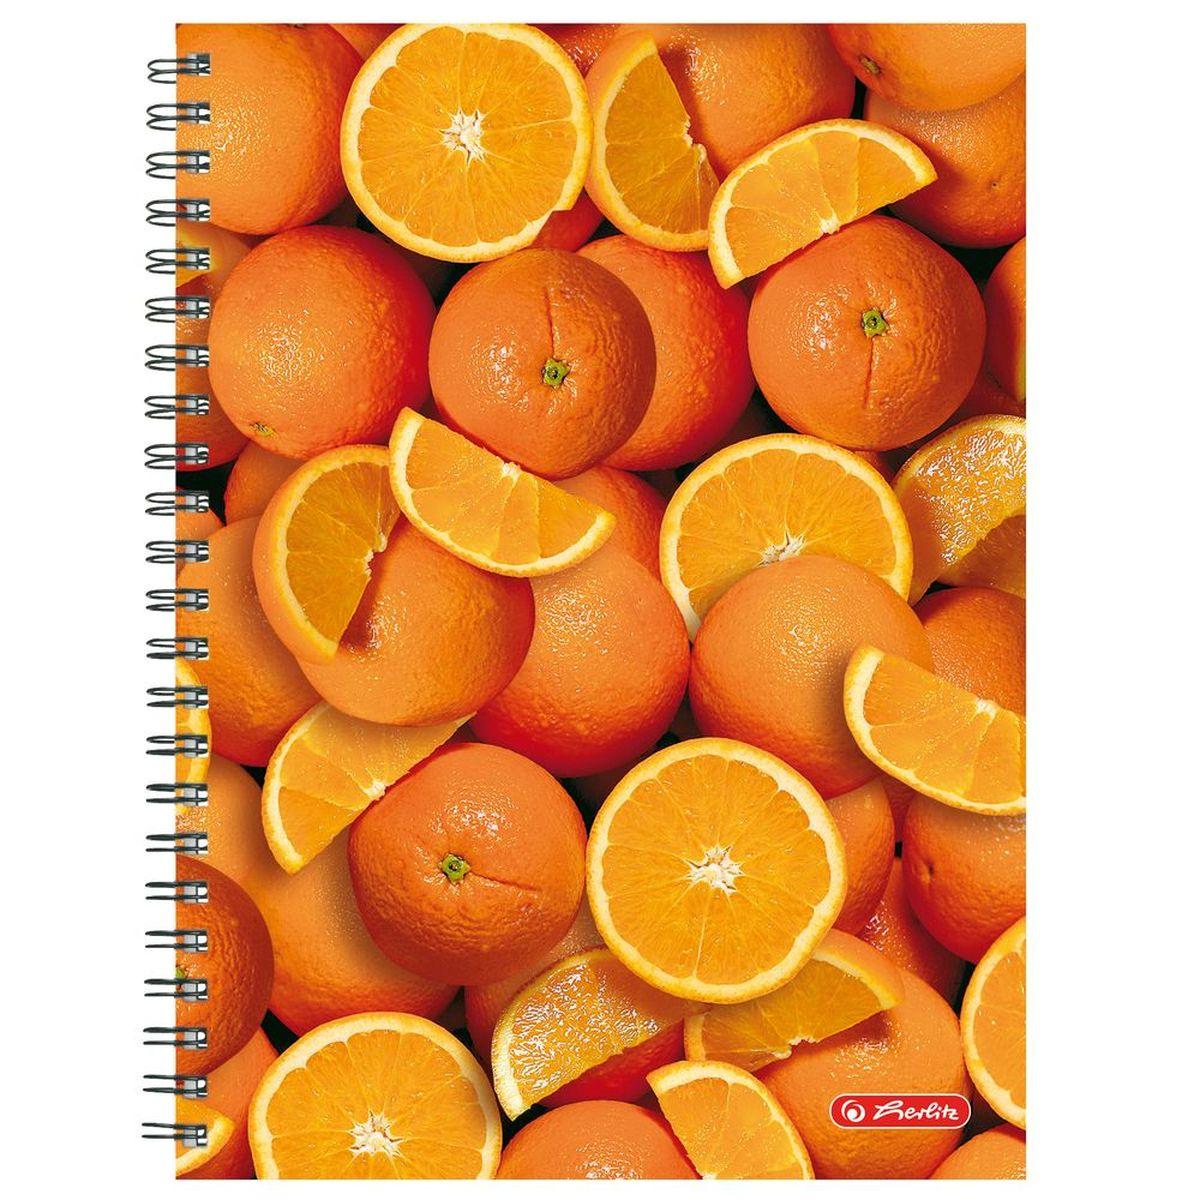 Открытка, картинки апельсин с надписями